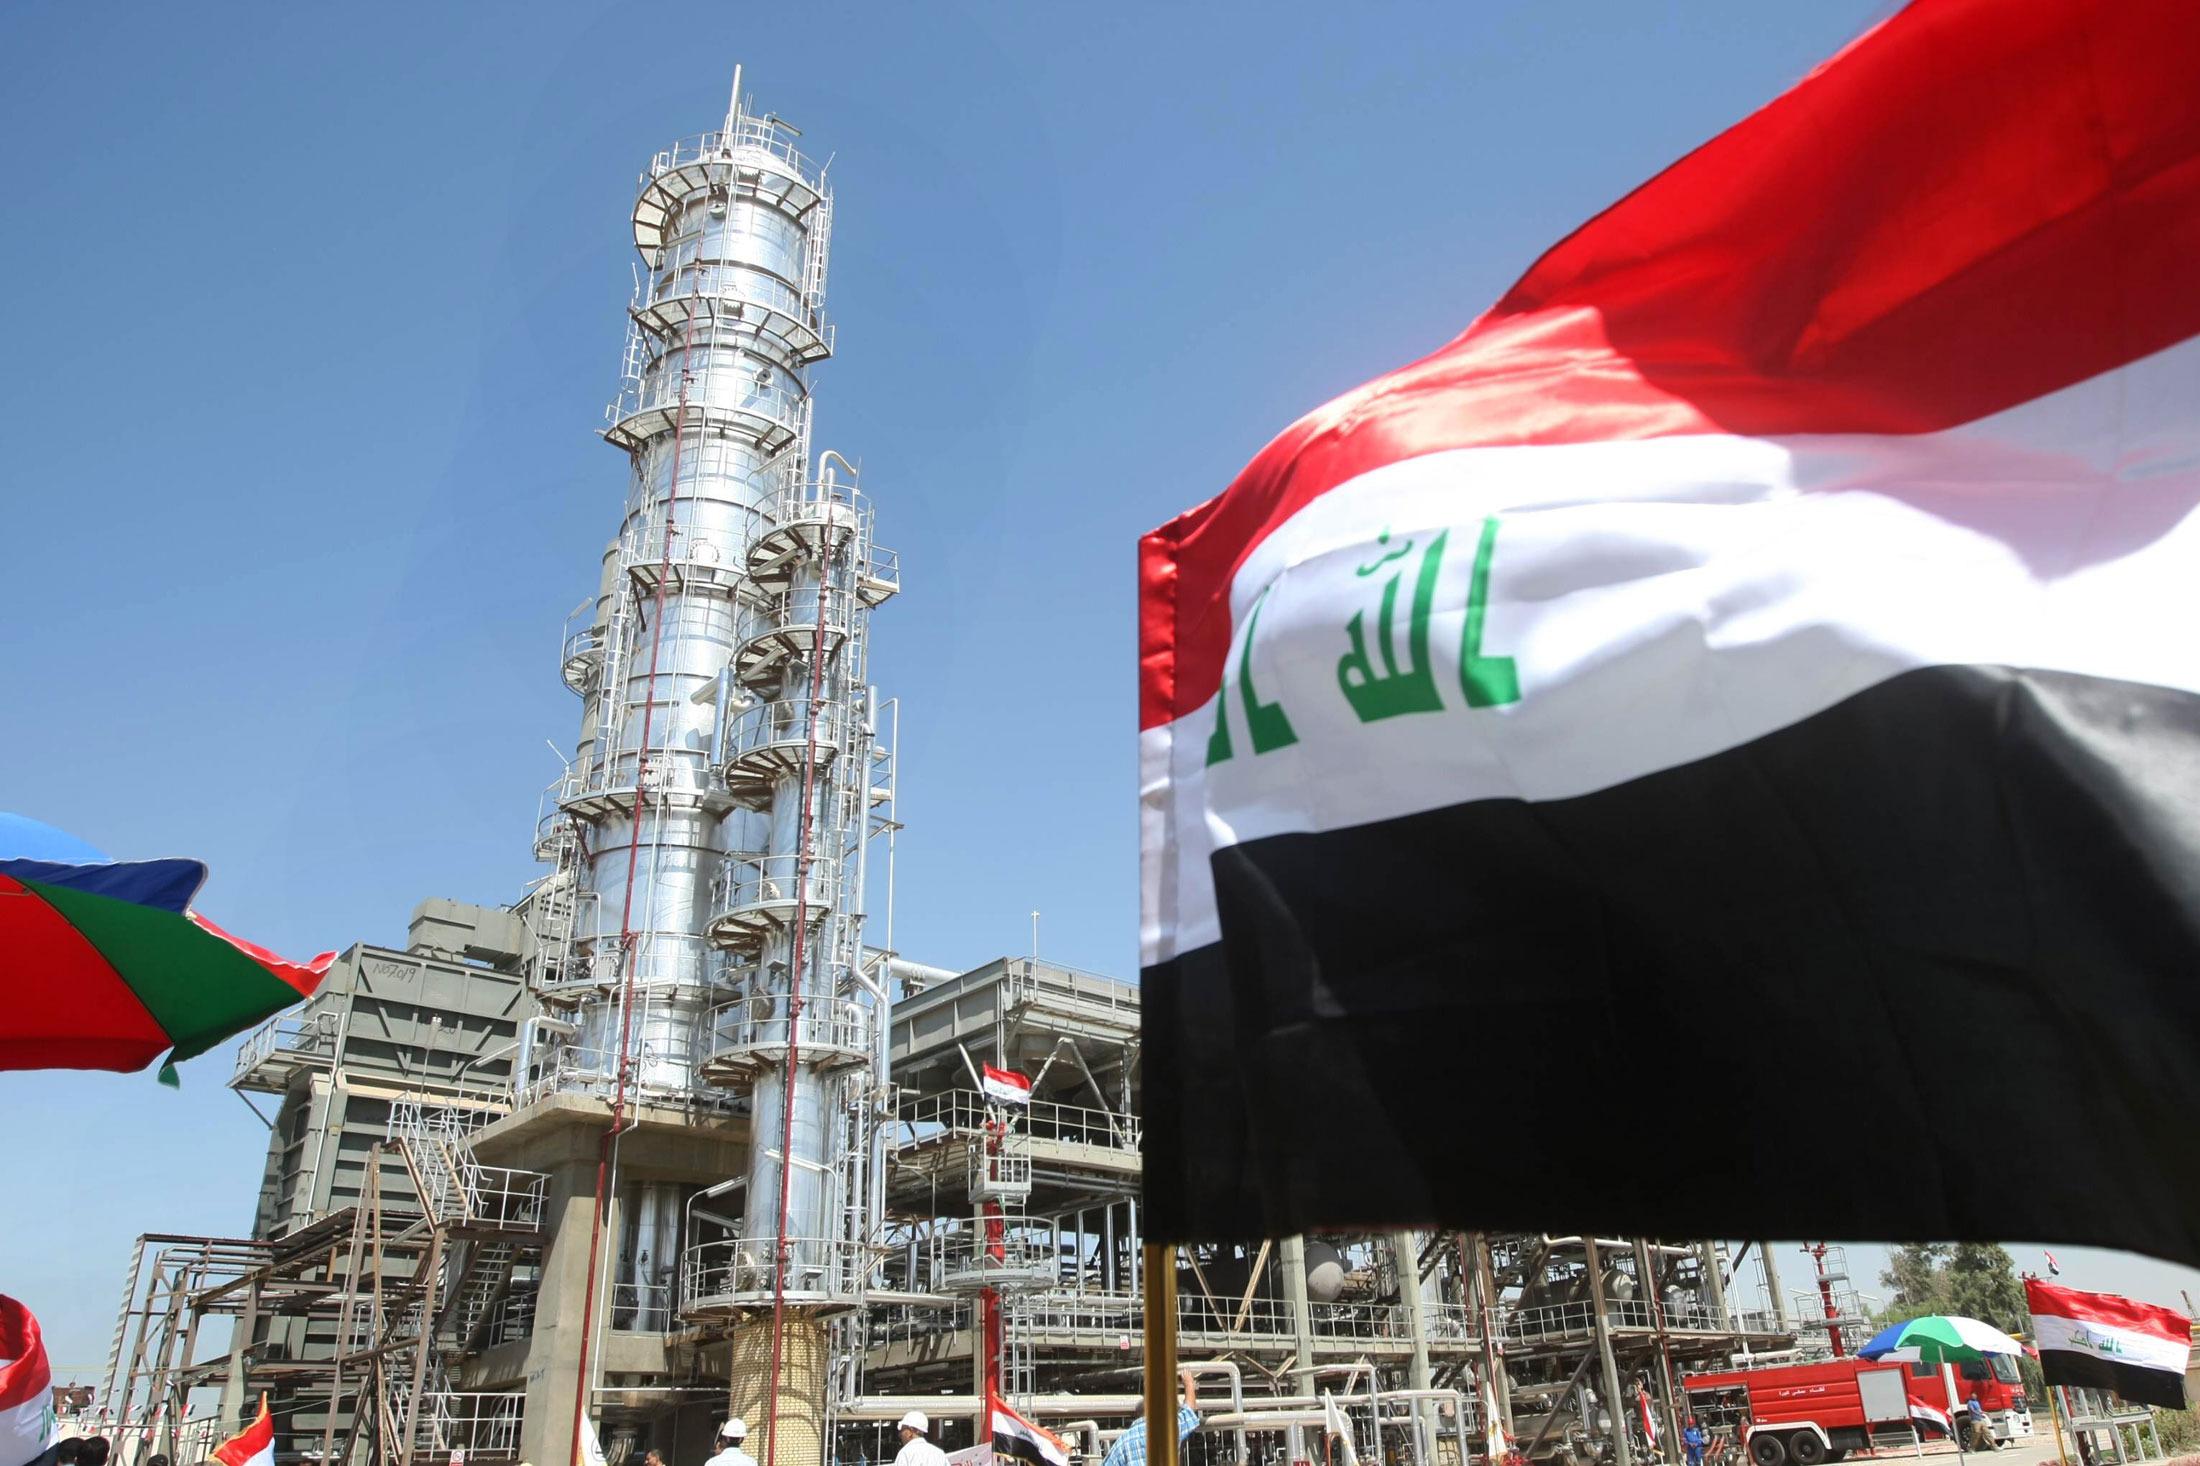 برنامه عراق برای اصلاح قراردادهای نفتی با شرکتهای خارجی